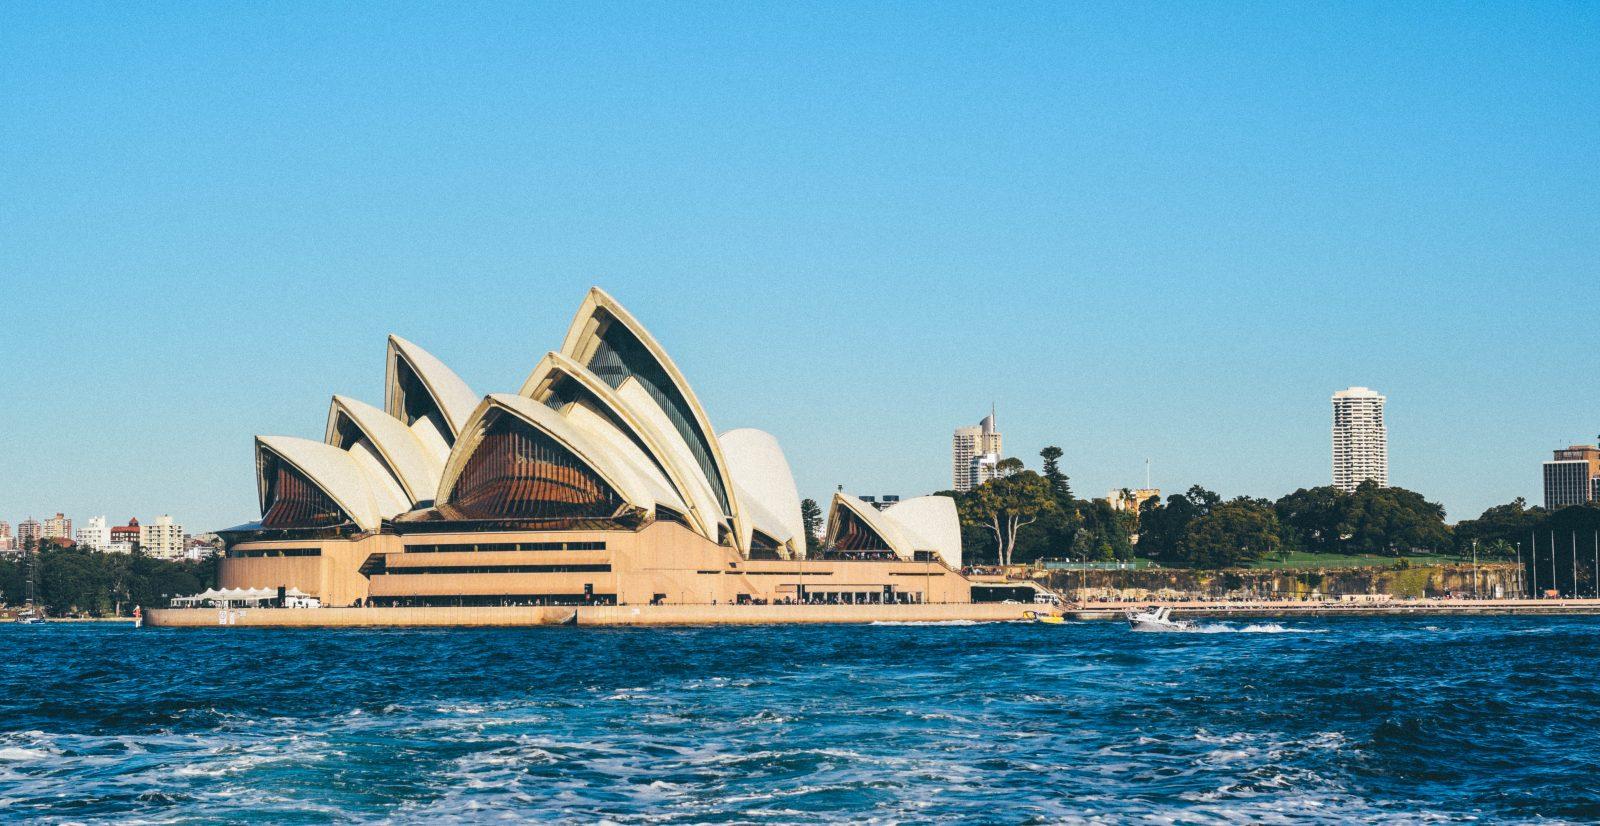 East Coast of Australia Sydney